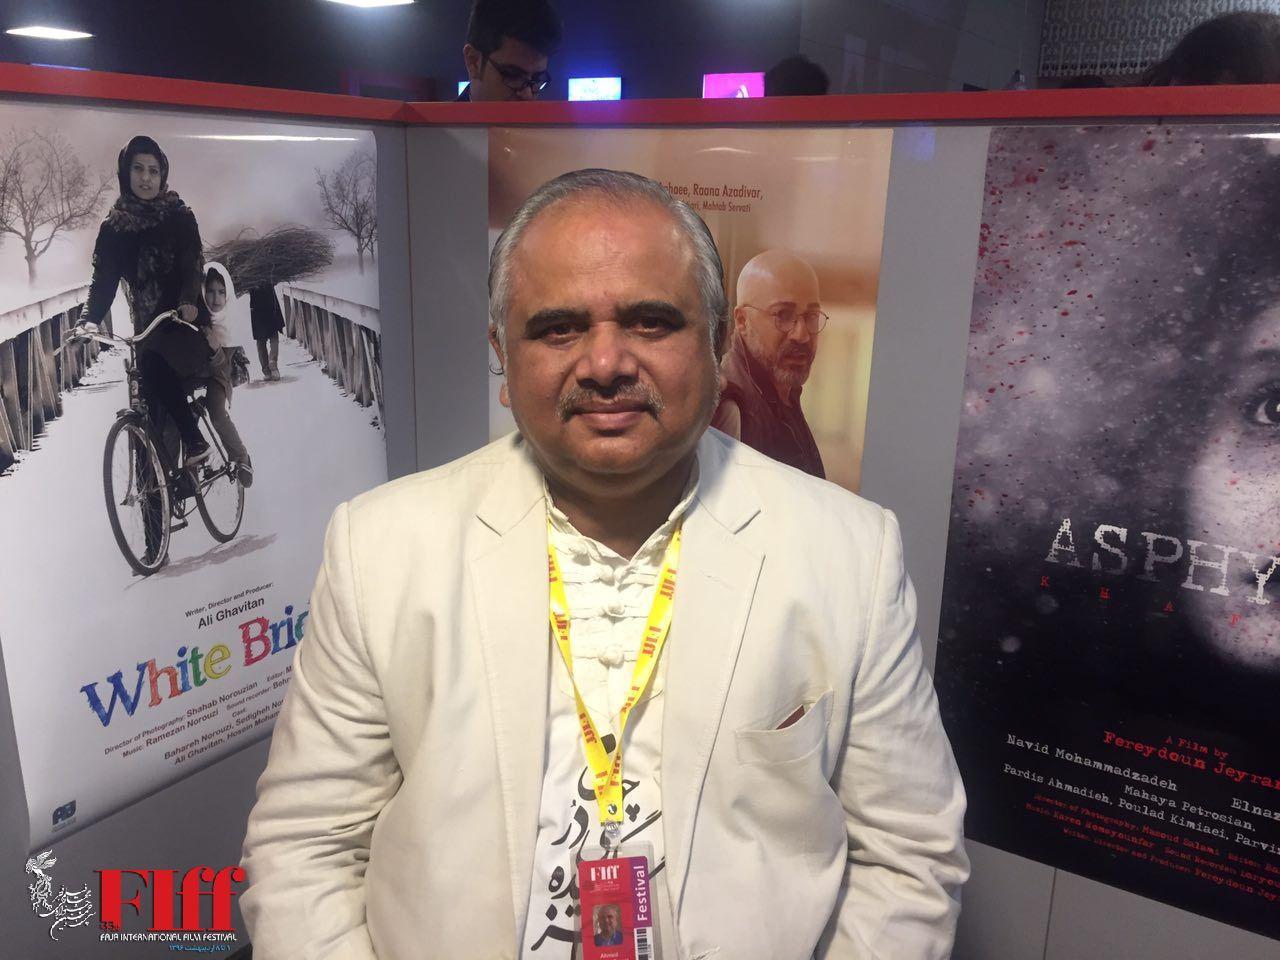 دبیر جشنواره بینالمللی فیلم داکا: برگزاری بازار فیلم جشنواره جهانی فجر ایده درخشانی است